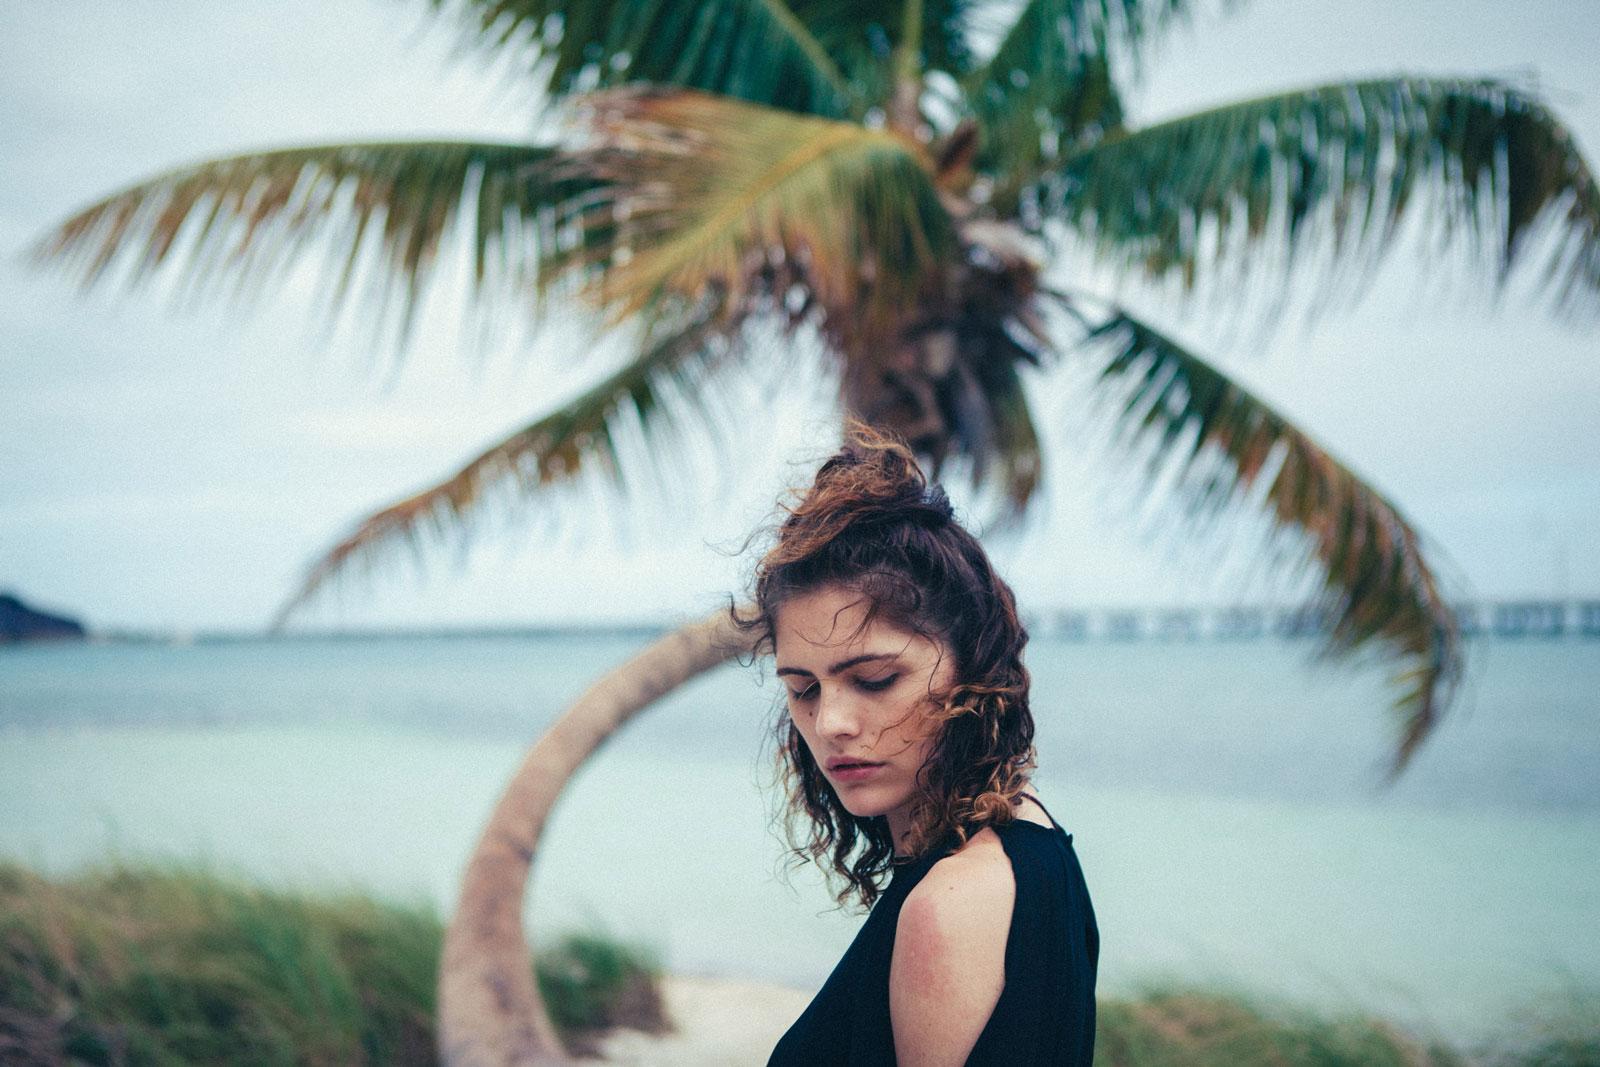 Florida Part 1: FLORIDA KEYS - Der erste Teil unseres Roadtrips führte uns auf die wunderschönen Florida Keys, bestehend aus über 200 Koralleninseln. Thomas Brand Sarah Bugar - brand4art Ebersberg München - Fotografie Cinemagraph Fotograf Fotodesign